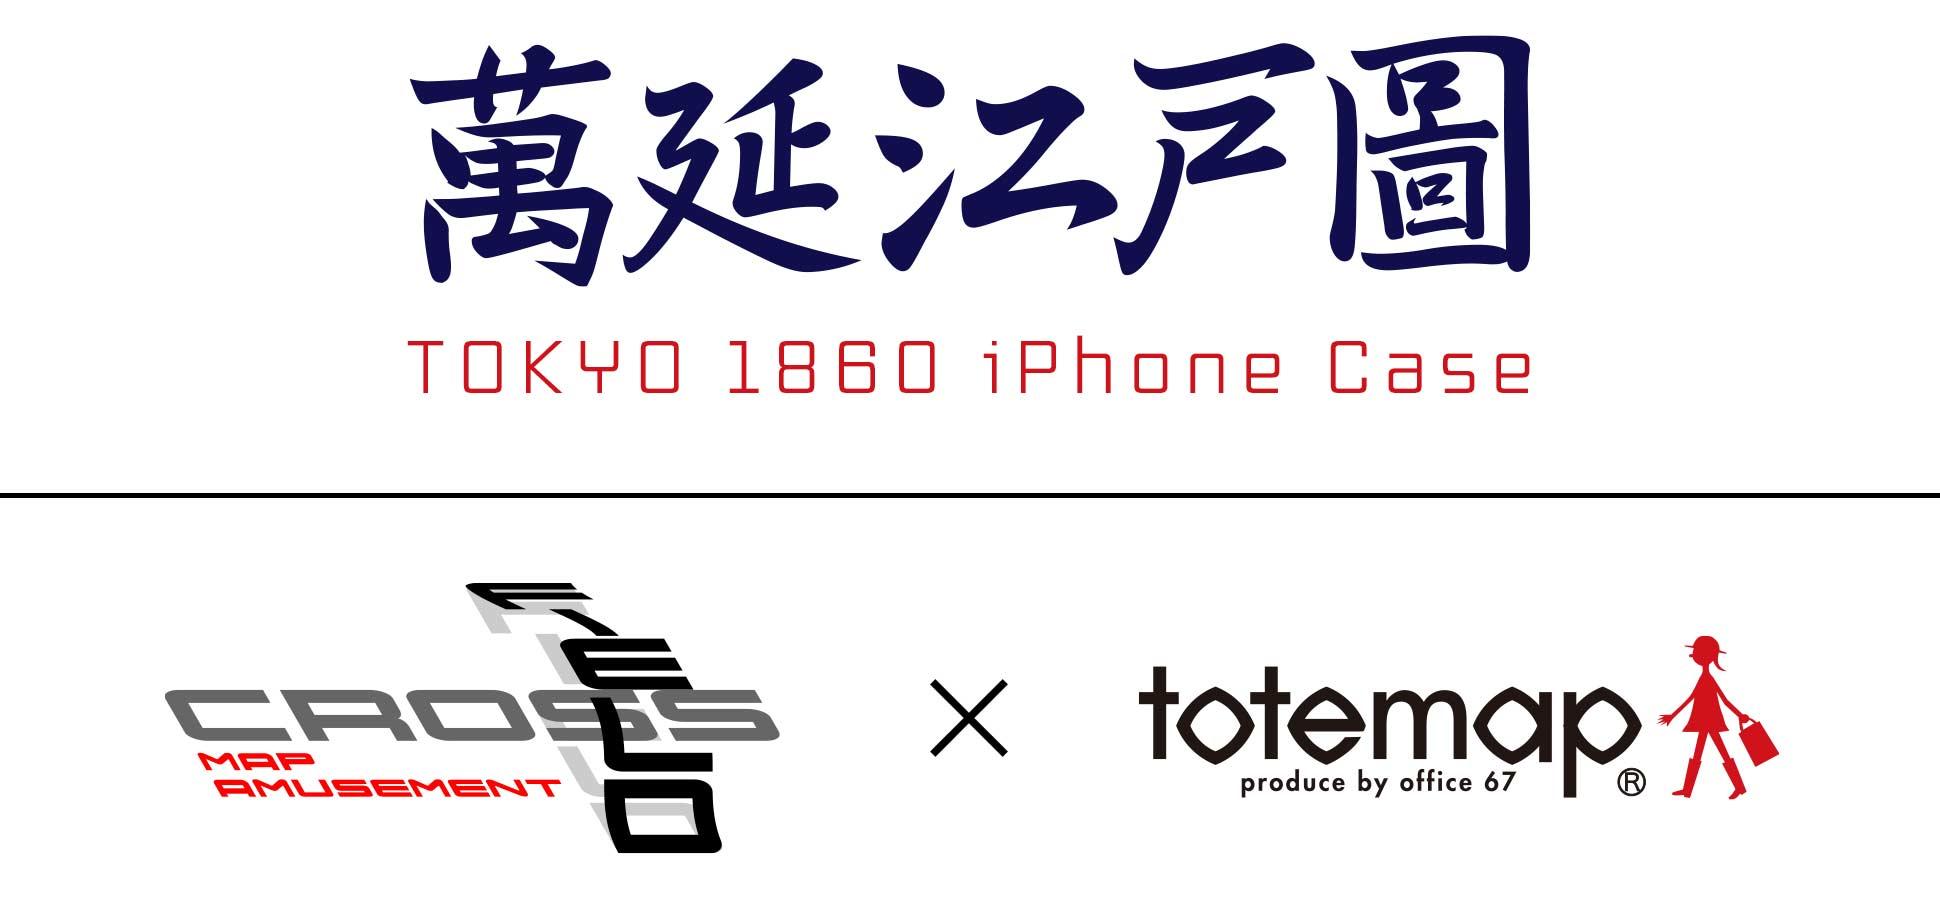 蔓延江戸図iPhoneケース